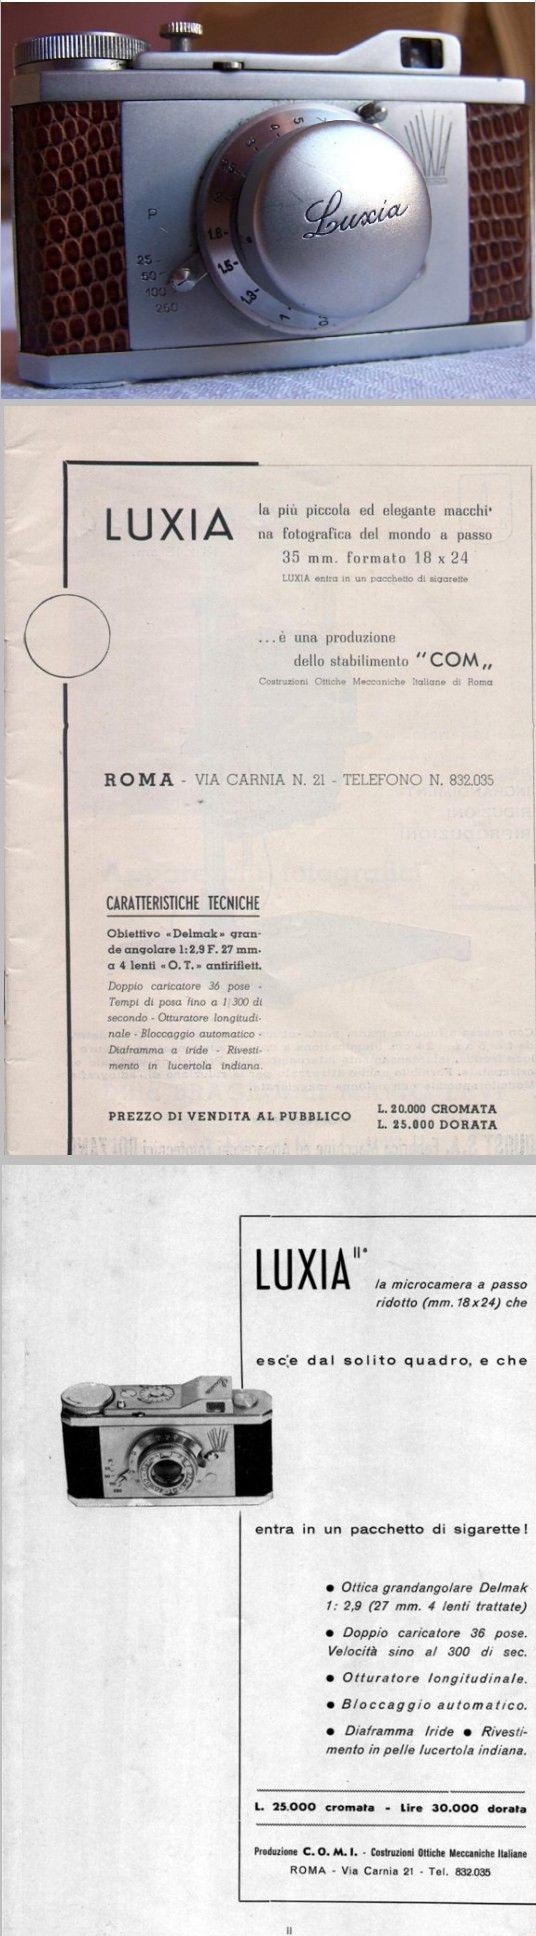 COMI Luxia